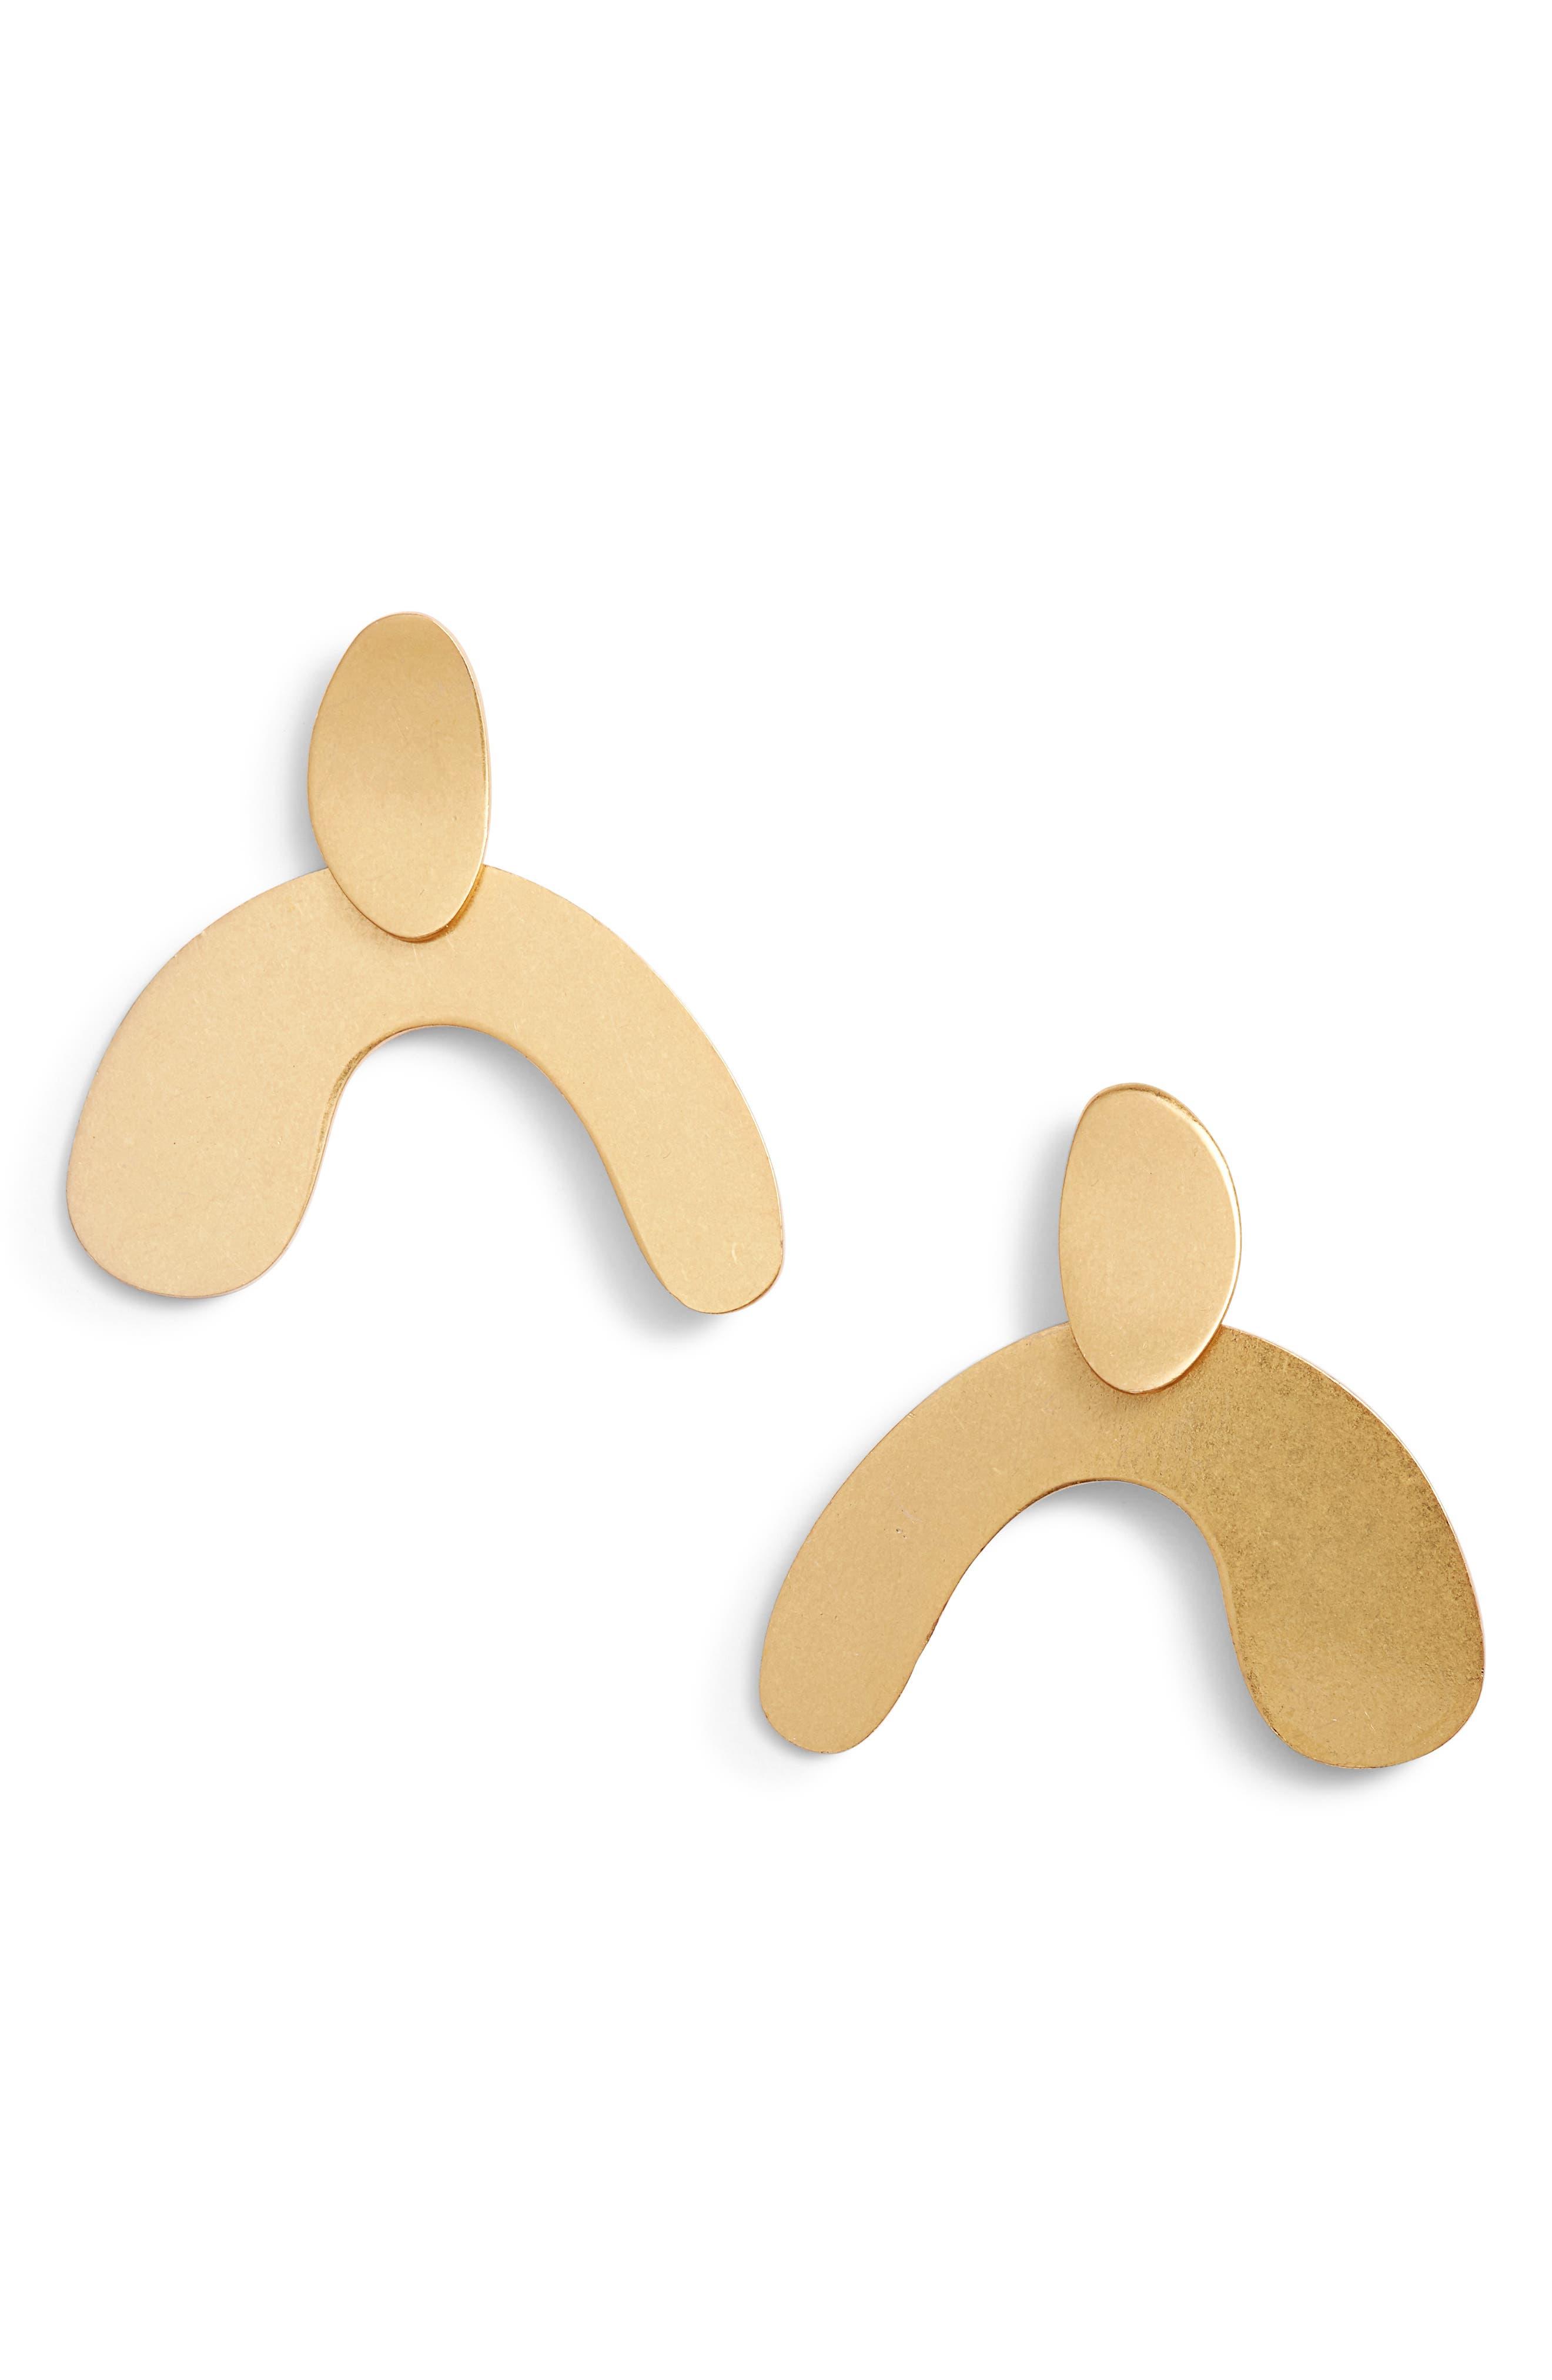 Organic Shape Earrings,                             Main thumbnail 1, color,                             710